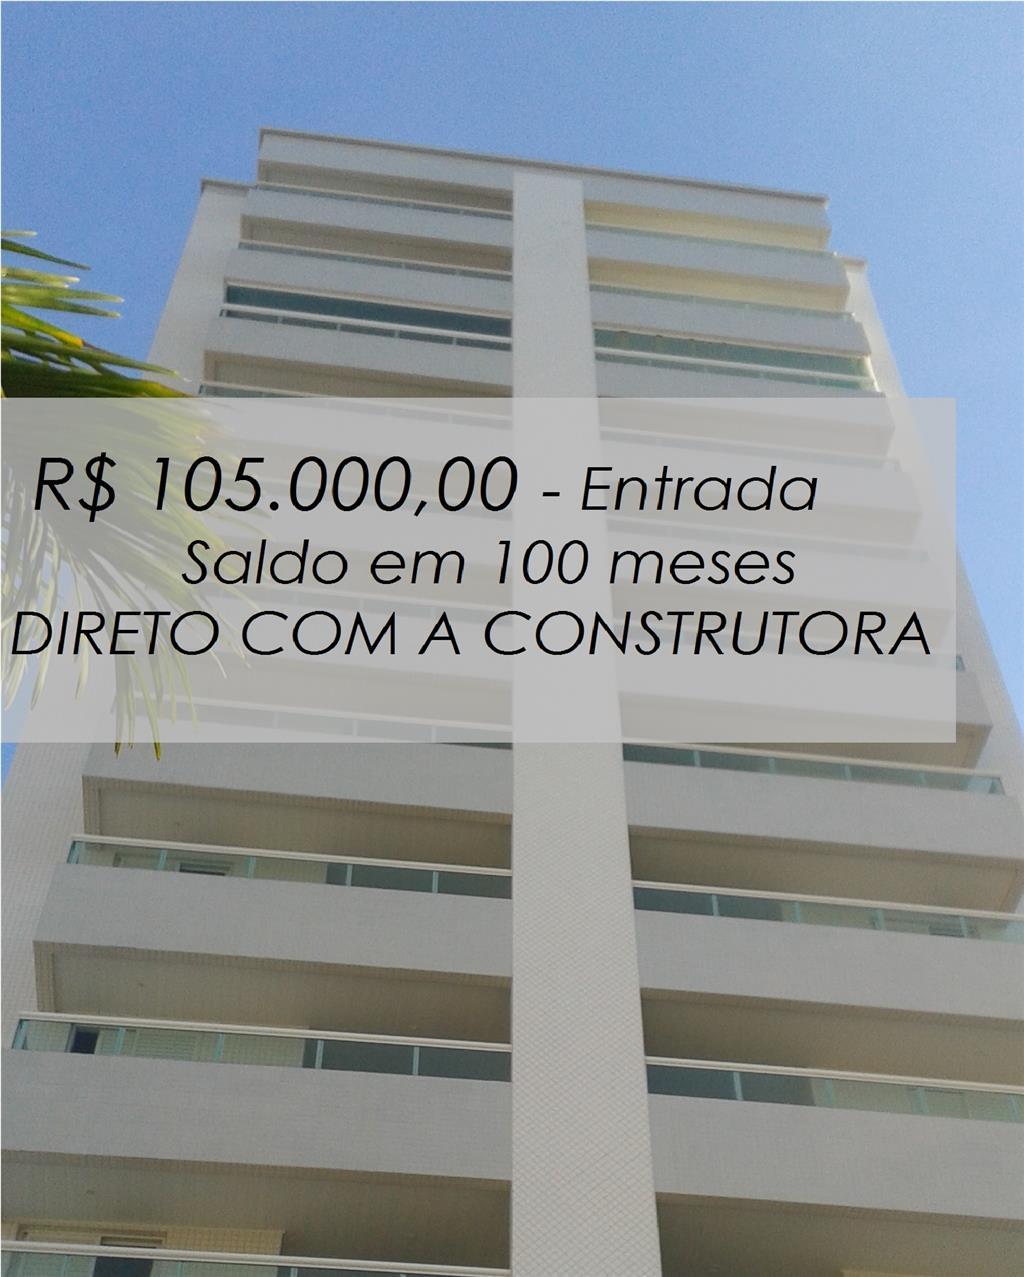 Apartamento Residencial à venda, Campo da Aviação, Praia Grande - AP1106.